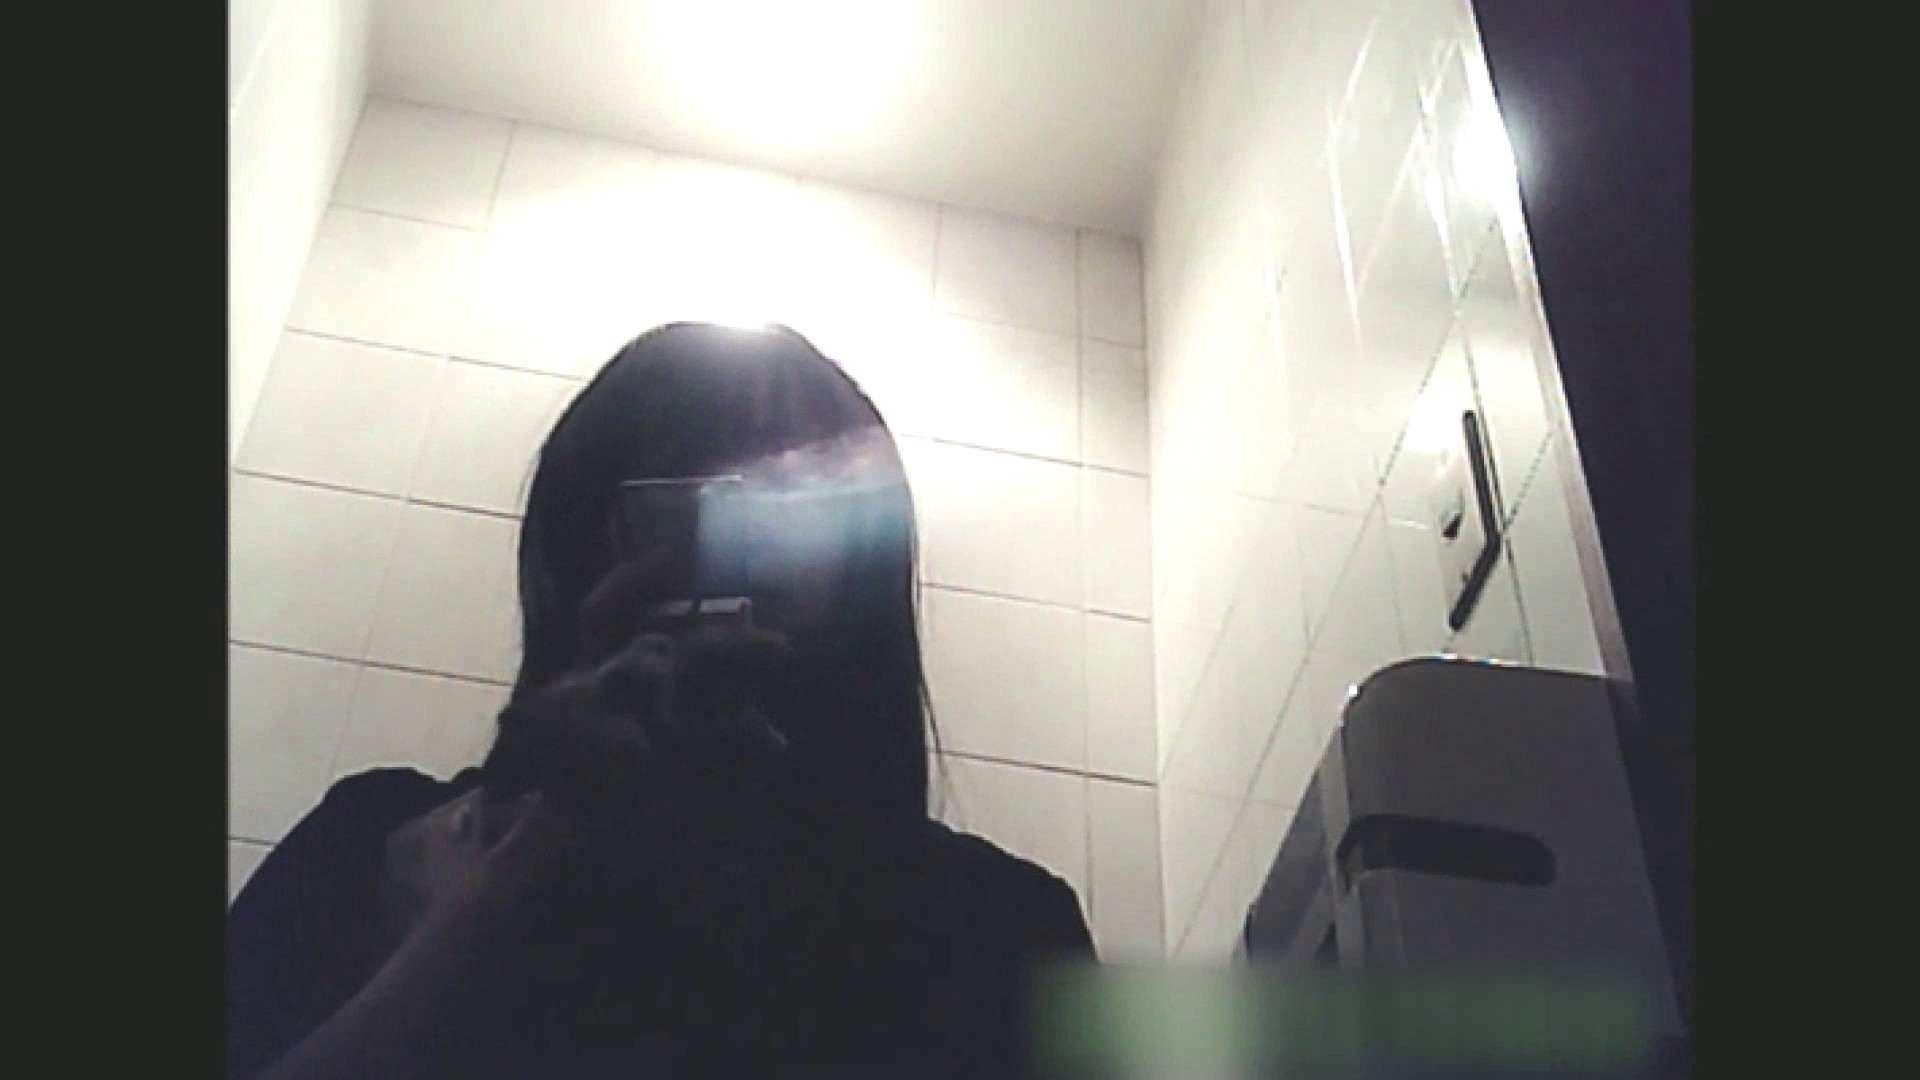 実録!!綺麗なお姉さんのトイレ事情・・・。vol.4 OL  72枚 1